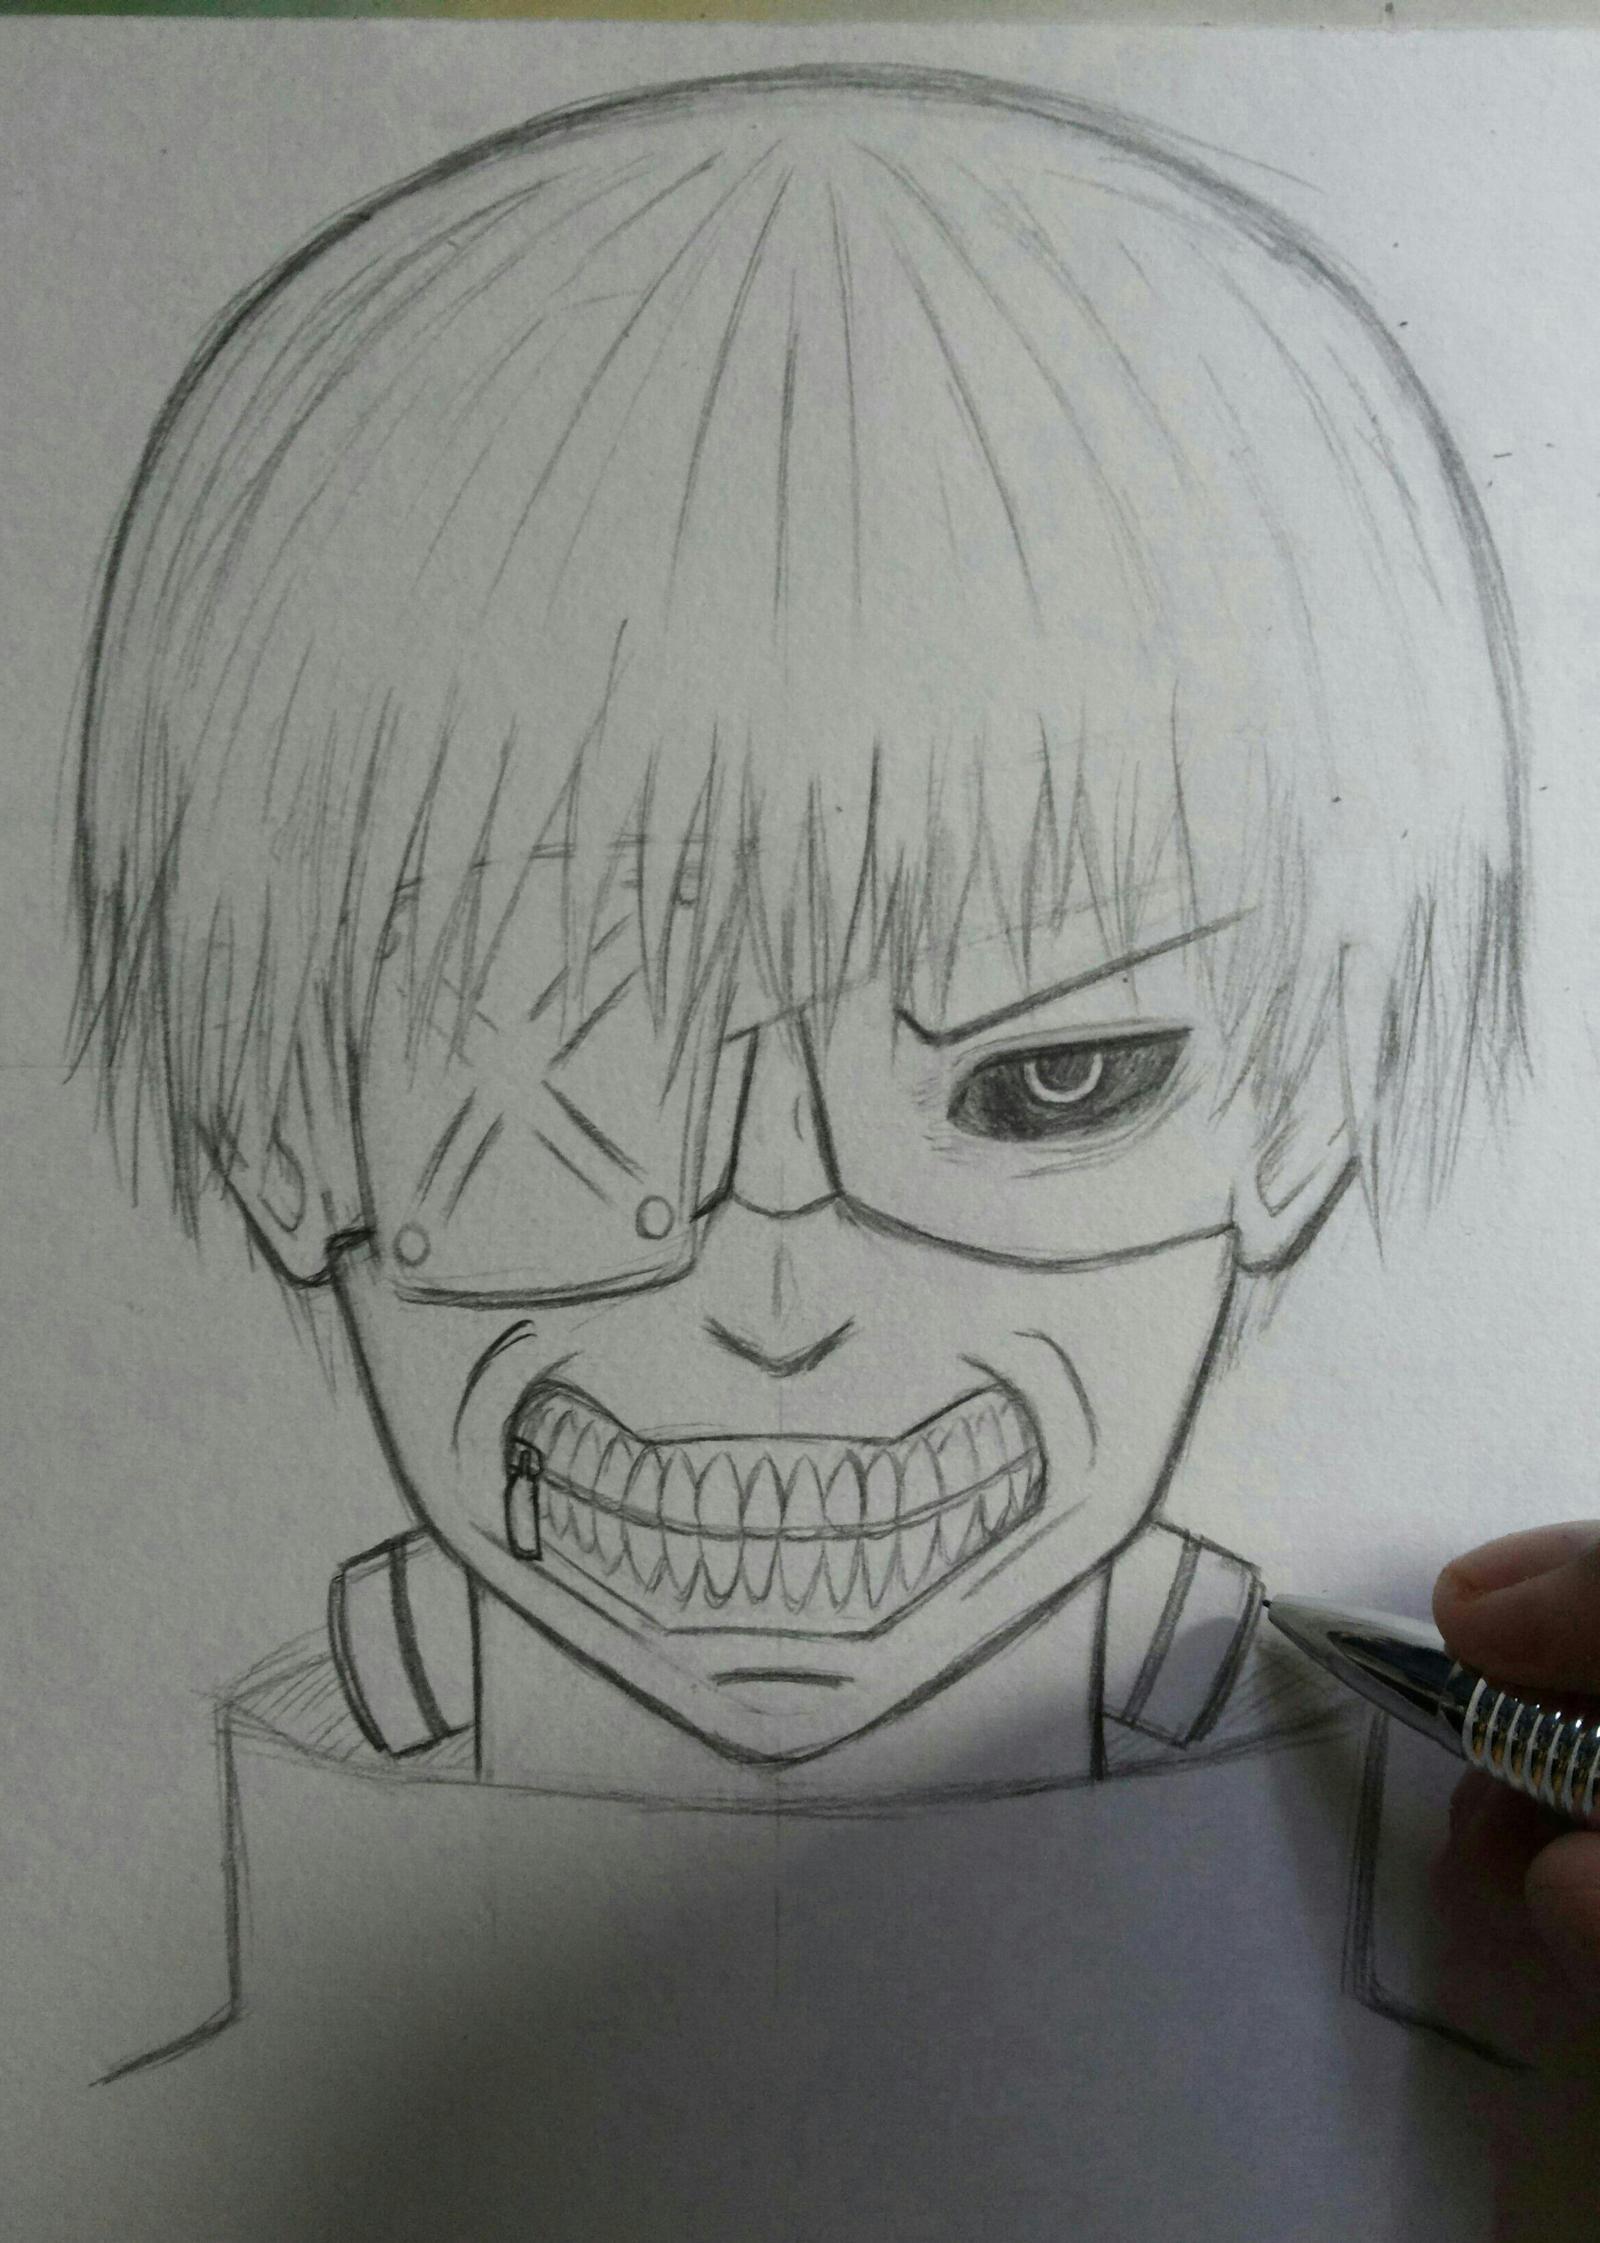 Kaneki Ken Sketch (tokyo Ghoul) By Usagi-Haise On DeviantArt